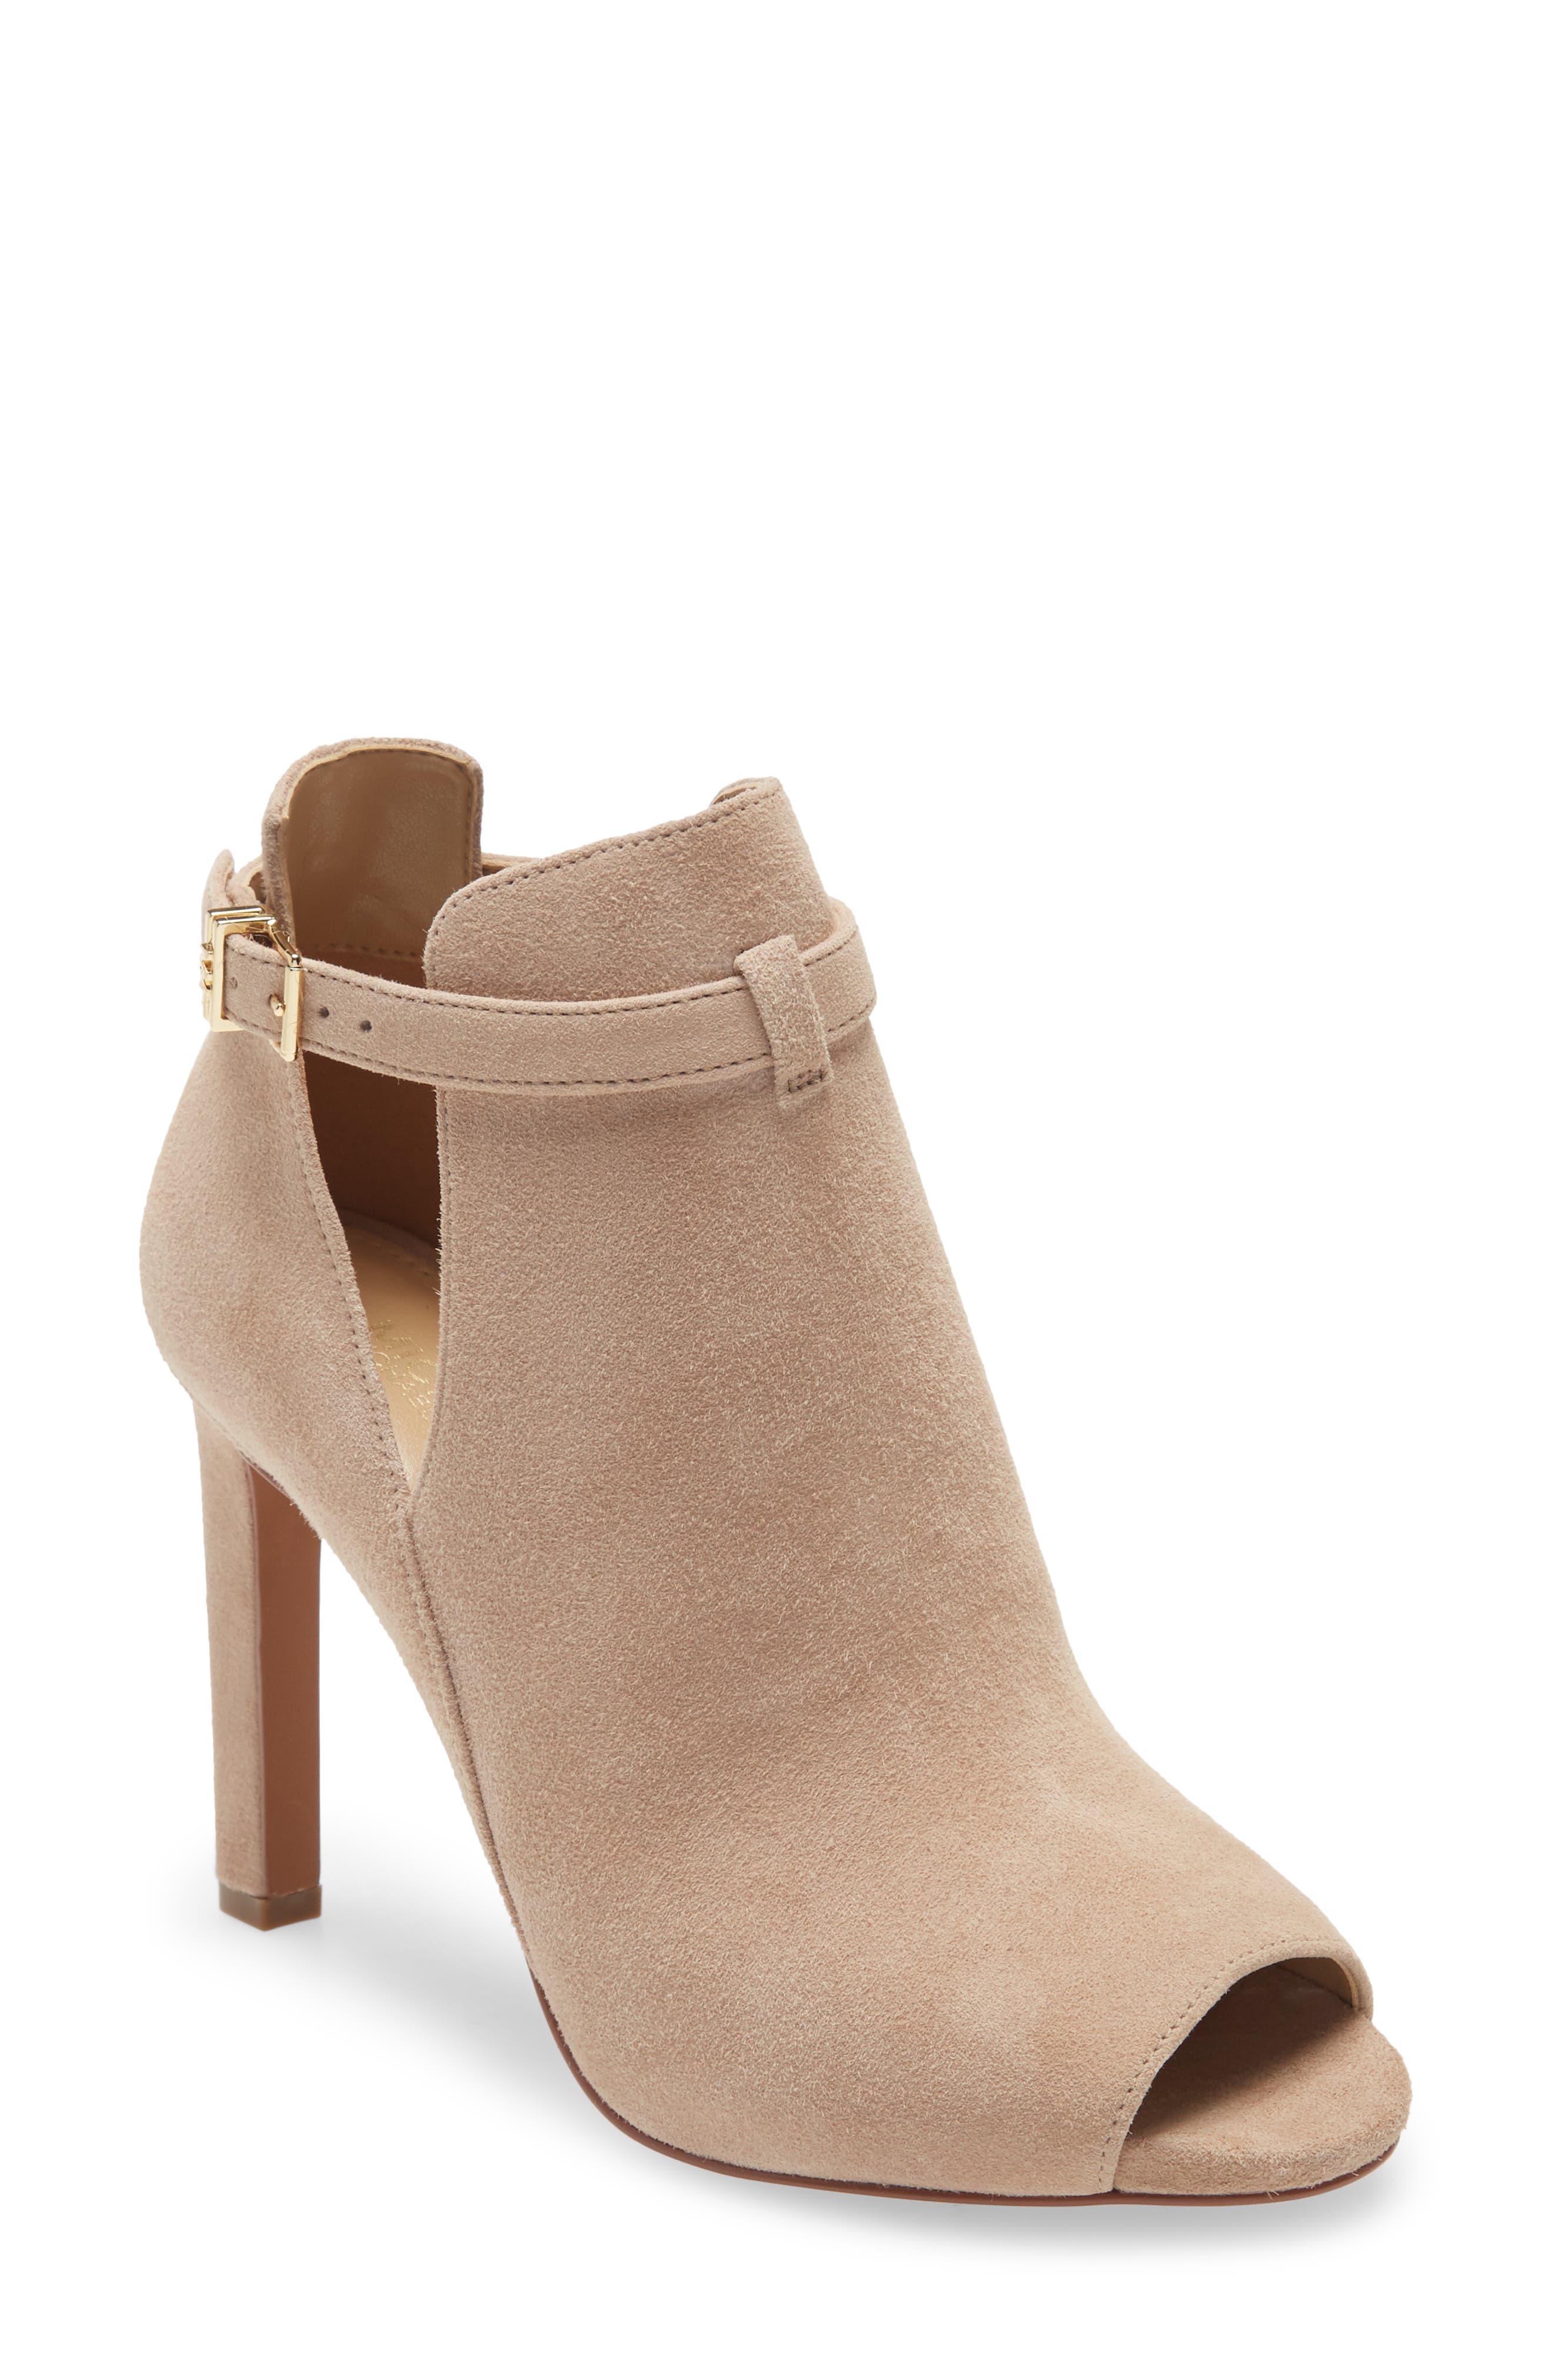 Women's MICHAEL Michael Kors Boots \u0026